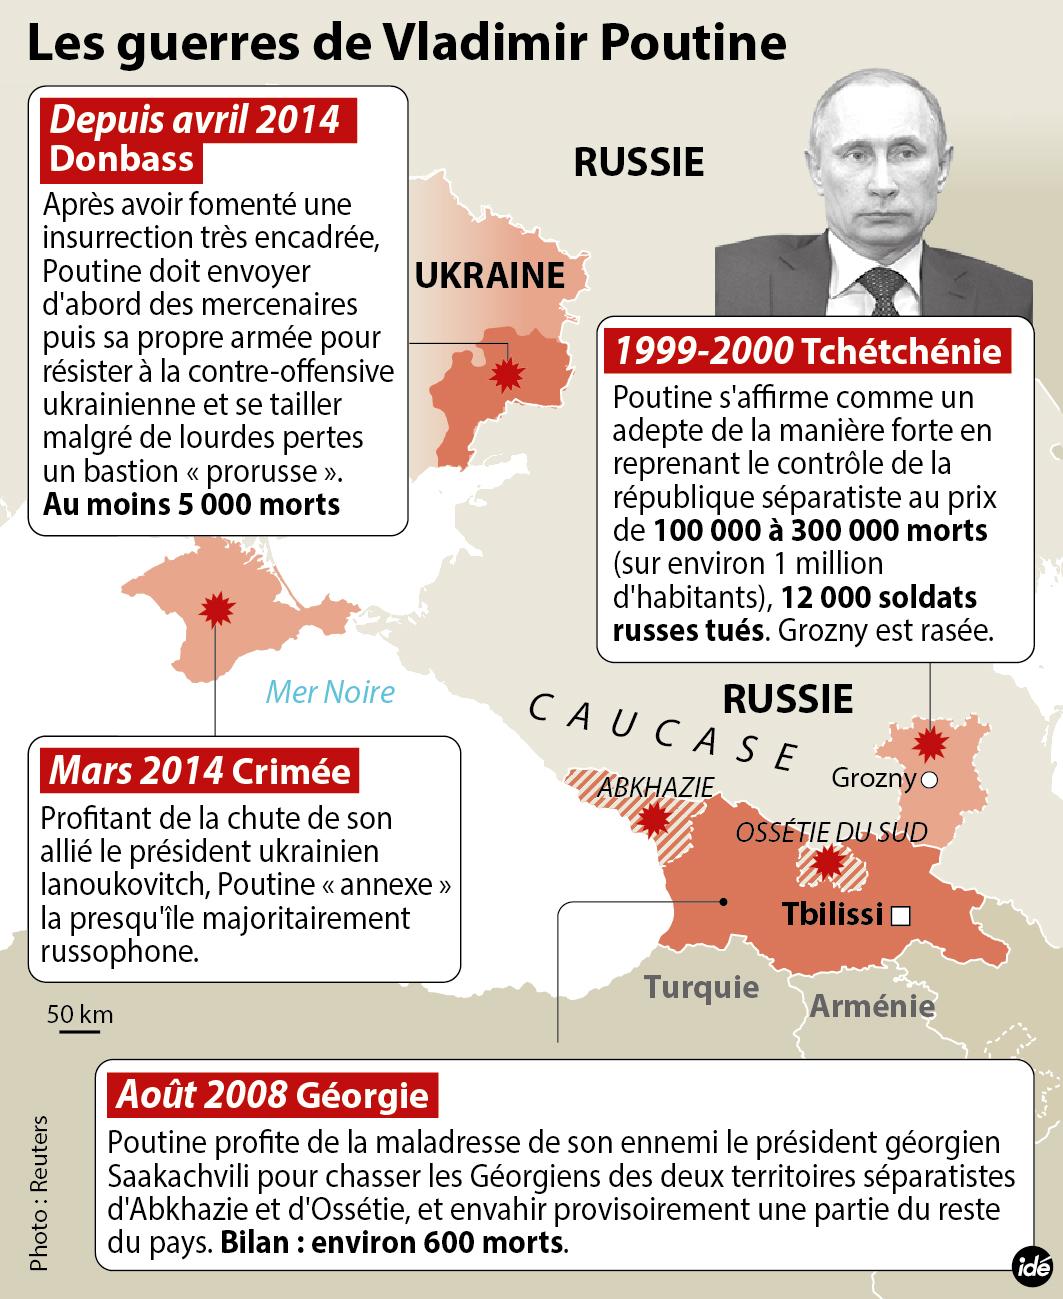 Coronavirus COVID-19, le «remède» contre l'impasse entre les États-Unis et la Corée du Nord? Donald Trump tente de relancer les relations bilatérales, en commençant par une éventuelle coopération dans la lutte contre la pandémie. Mais pour le régime nord-coréen, c'est insuffisant: une étape plus concrète sur les sanctions est nécessaire